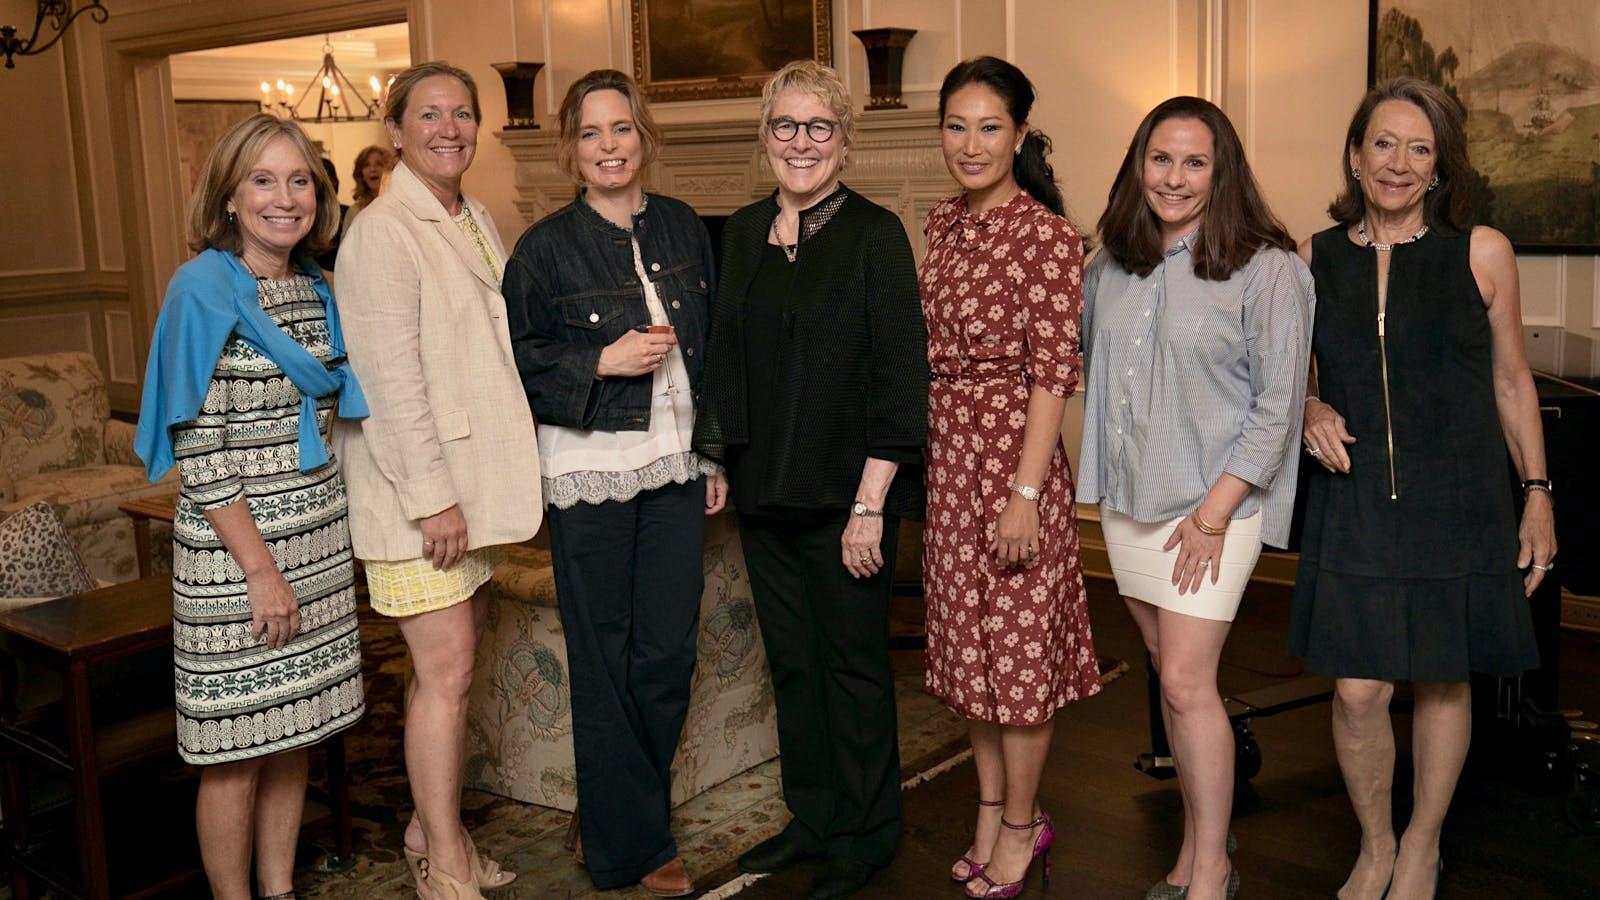 L'Eté du Vin Charity Auction Honors Women in Wine, Breaks $1 Million Mark